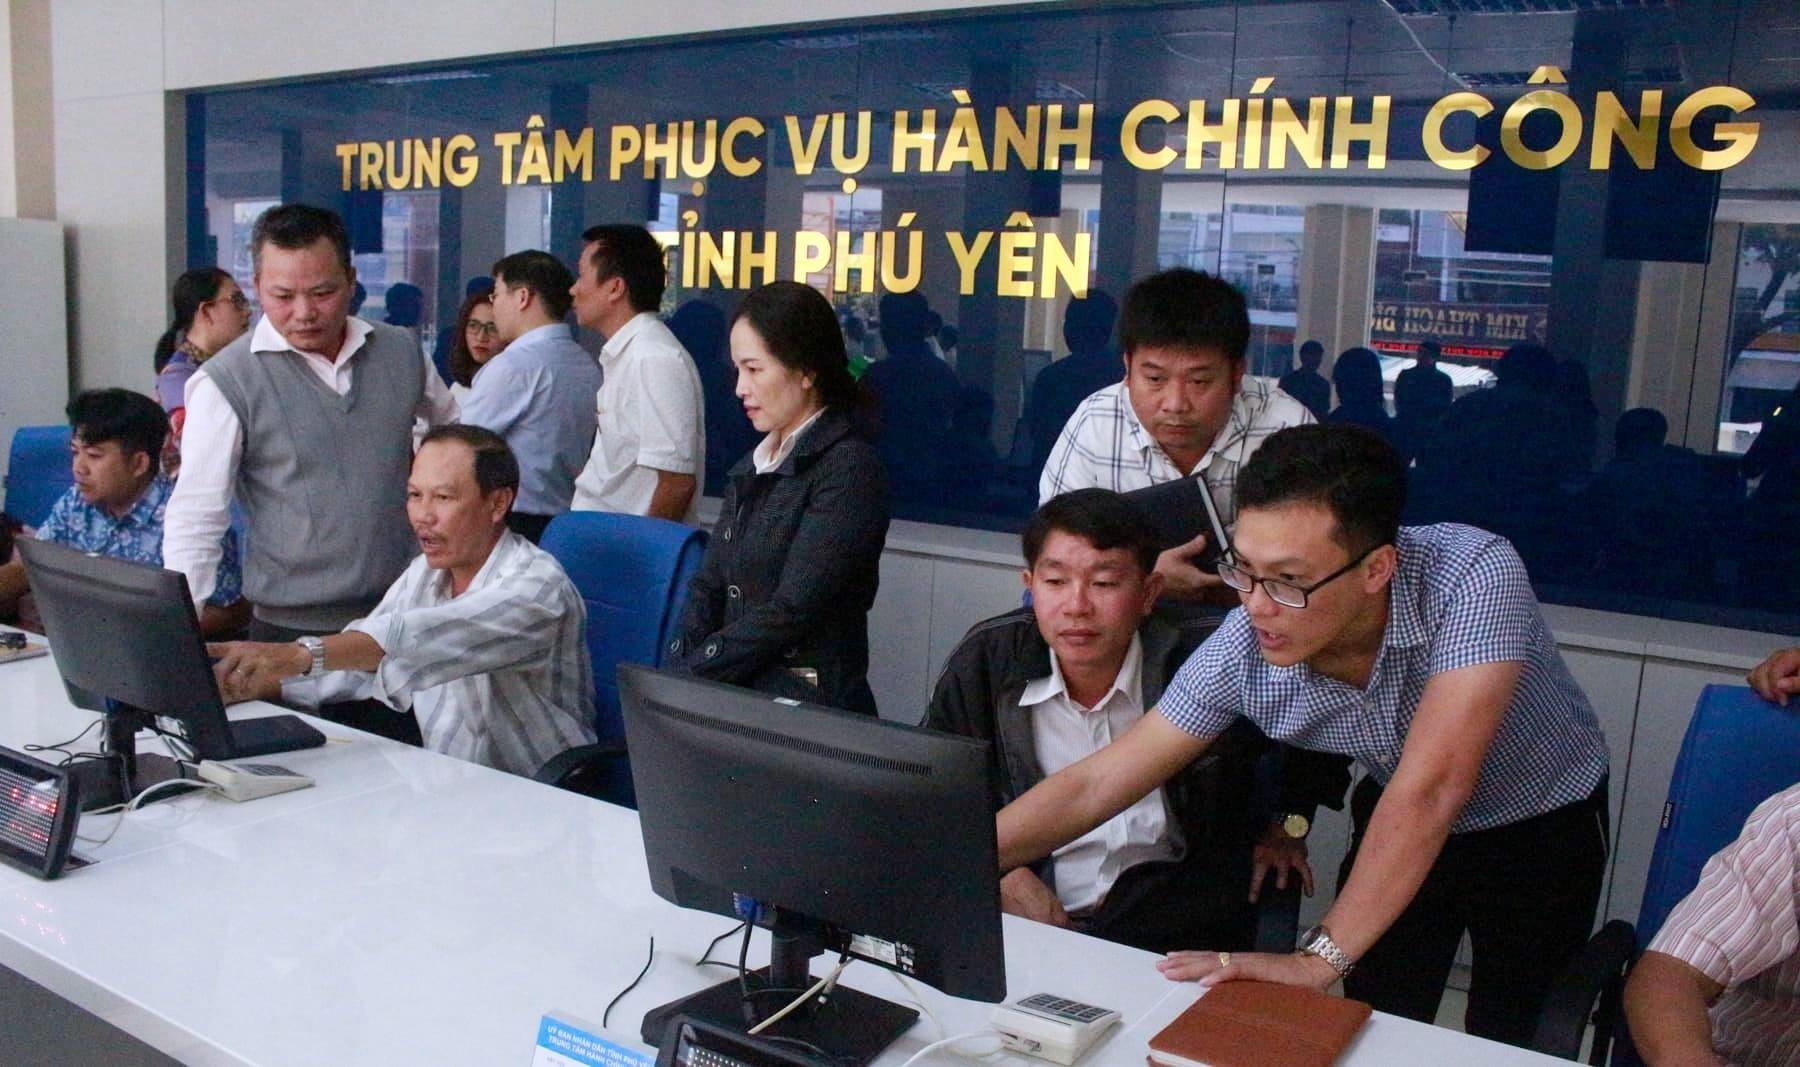 Phú Yên: Đưa Trung tâm Phục vụ hành chính công vào hoạt động